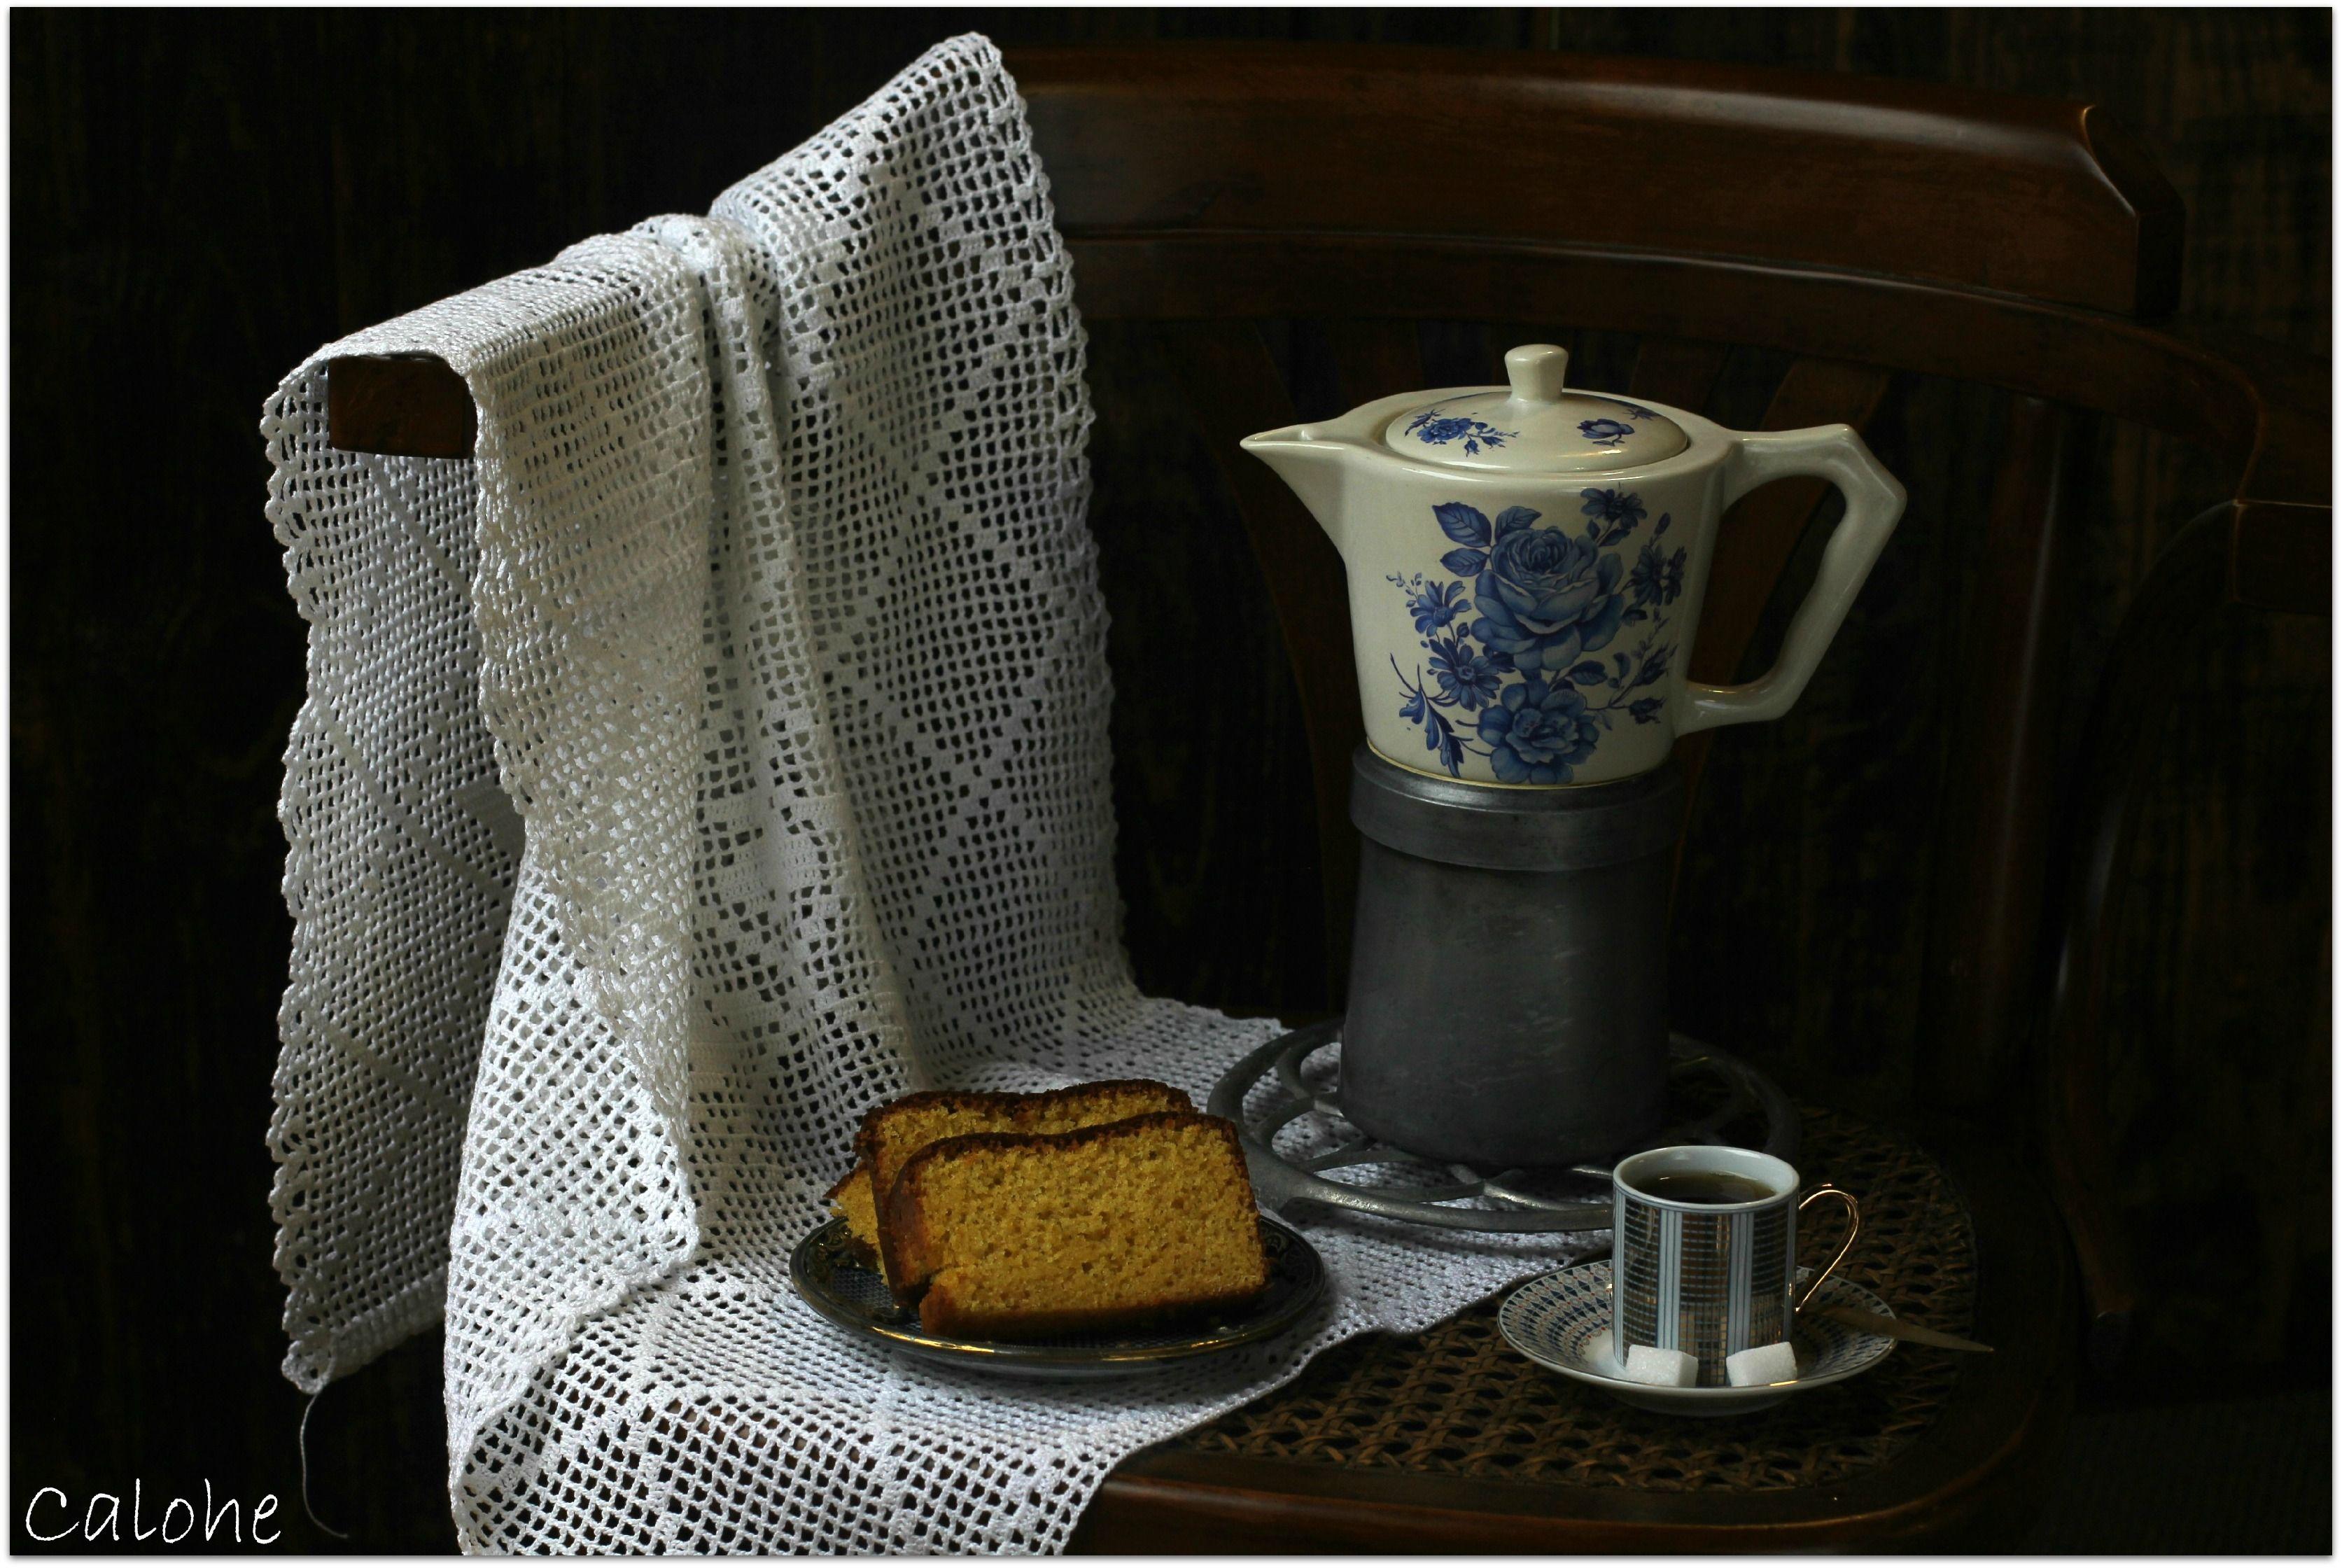 Bizcocho con leche hirviendo de Tish Boyle, Tish Boyle cake with boiling milk